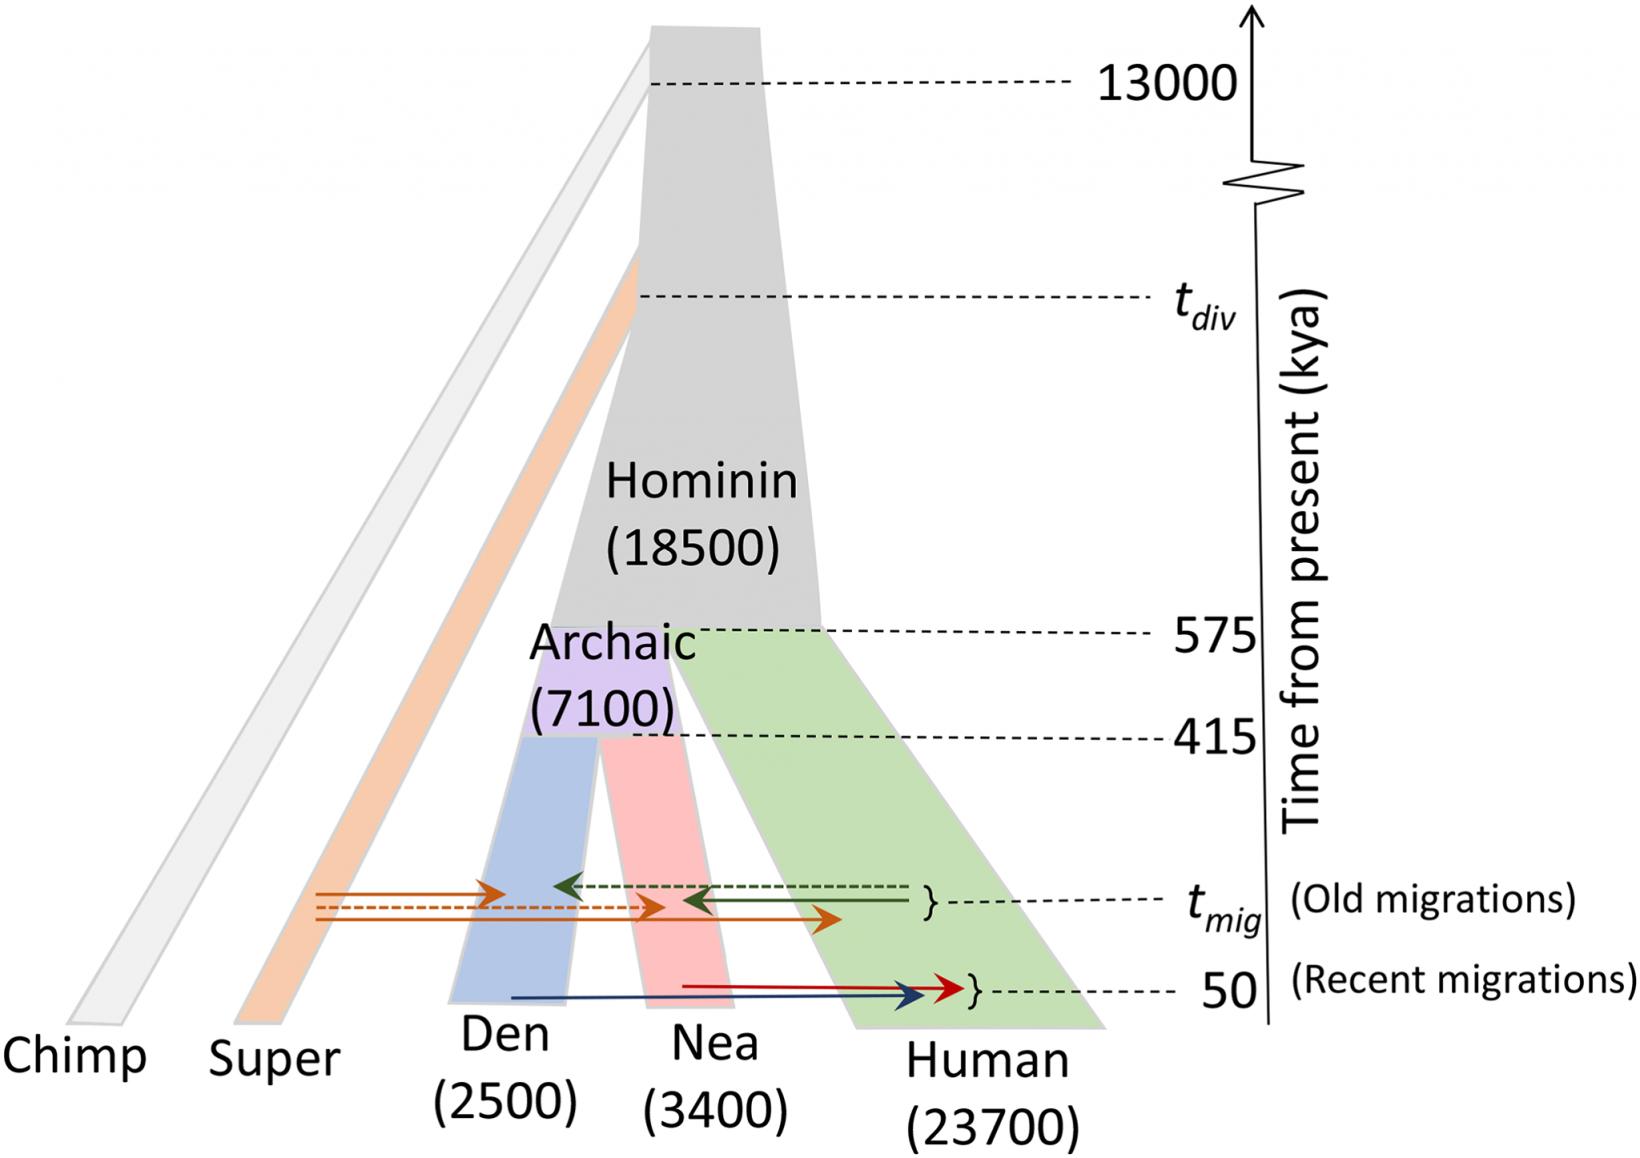 Демографическая модель, использовавшаяся висследовании. Цифры вскобках— размер популяций. По вертикали— время. Стрелки указывают направление интрогрессий.  Пунктирные стрелки— предположительные интрогрессии